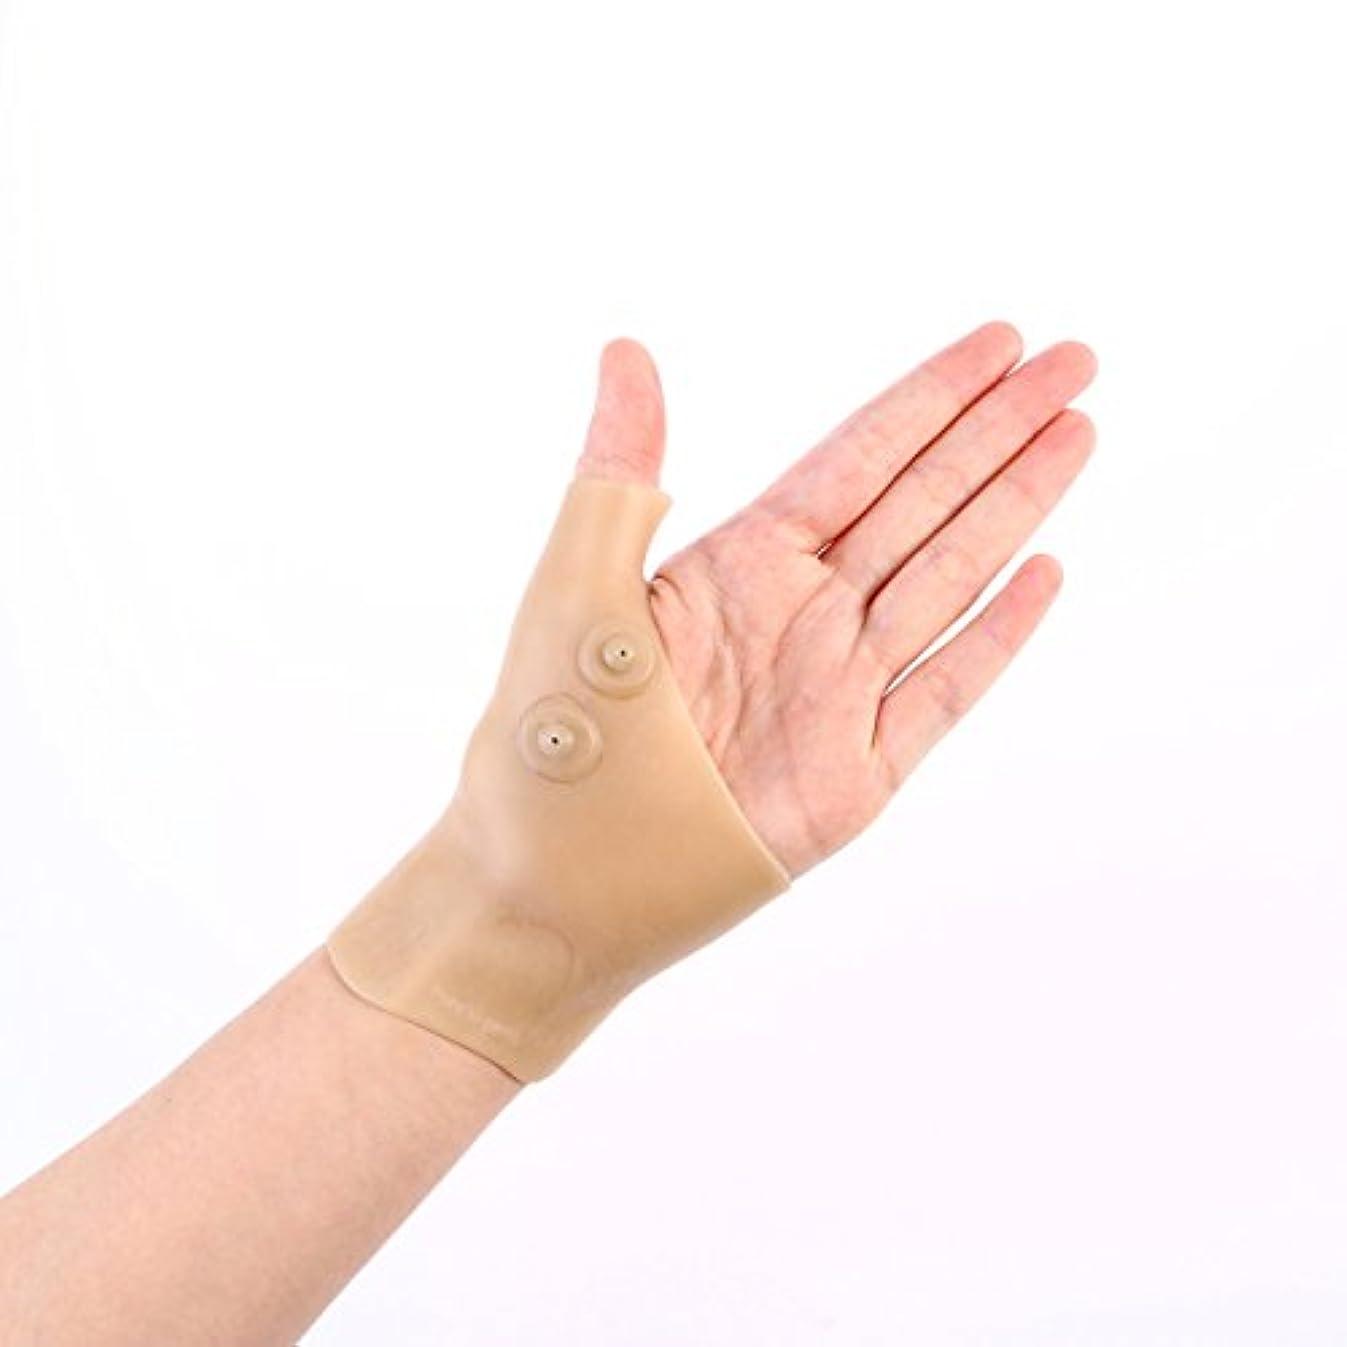 予感パニックジェムHealifty 首サポートブレース シリコンゲル 腱鞘炎 バネ指 手首の親指の痛みを和らげる 2個